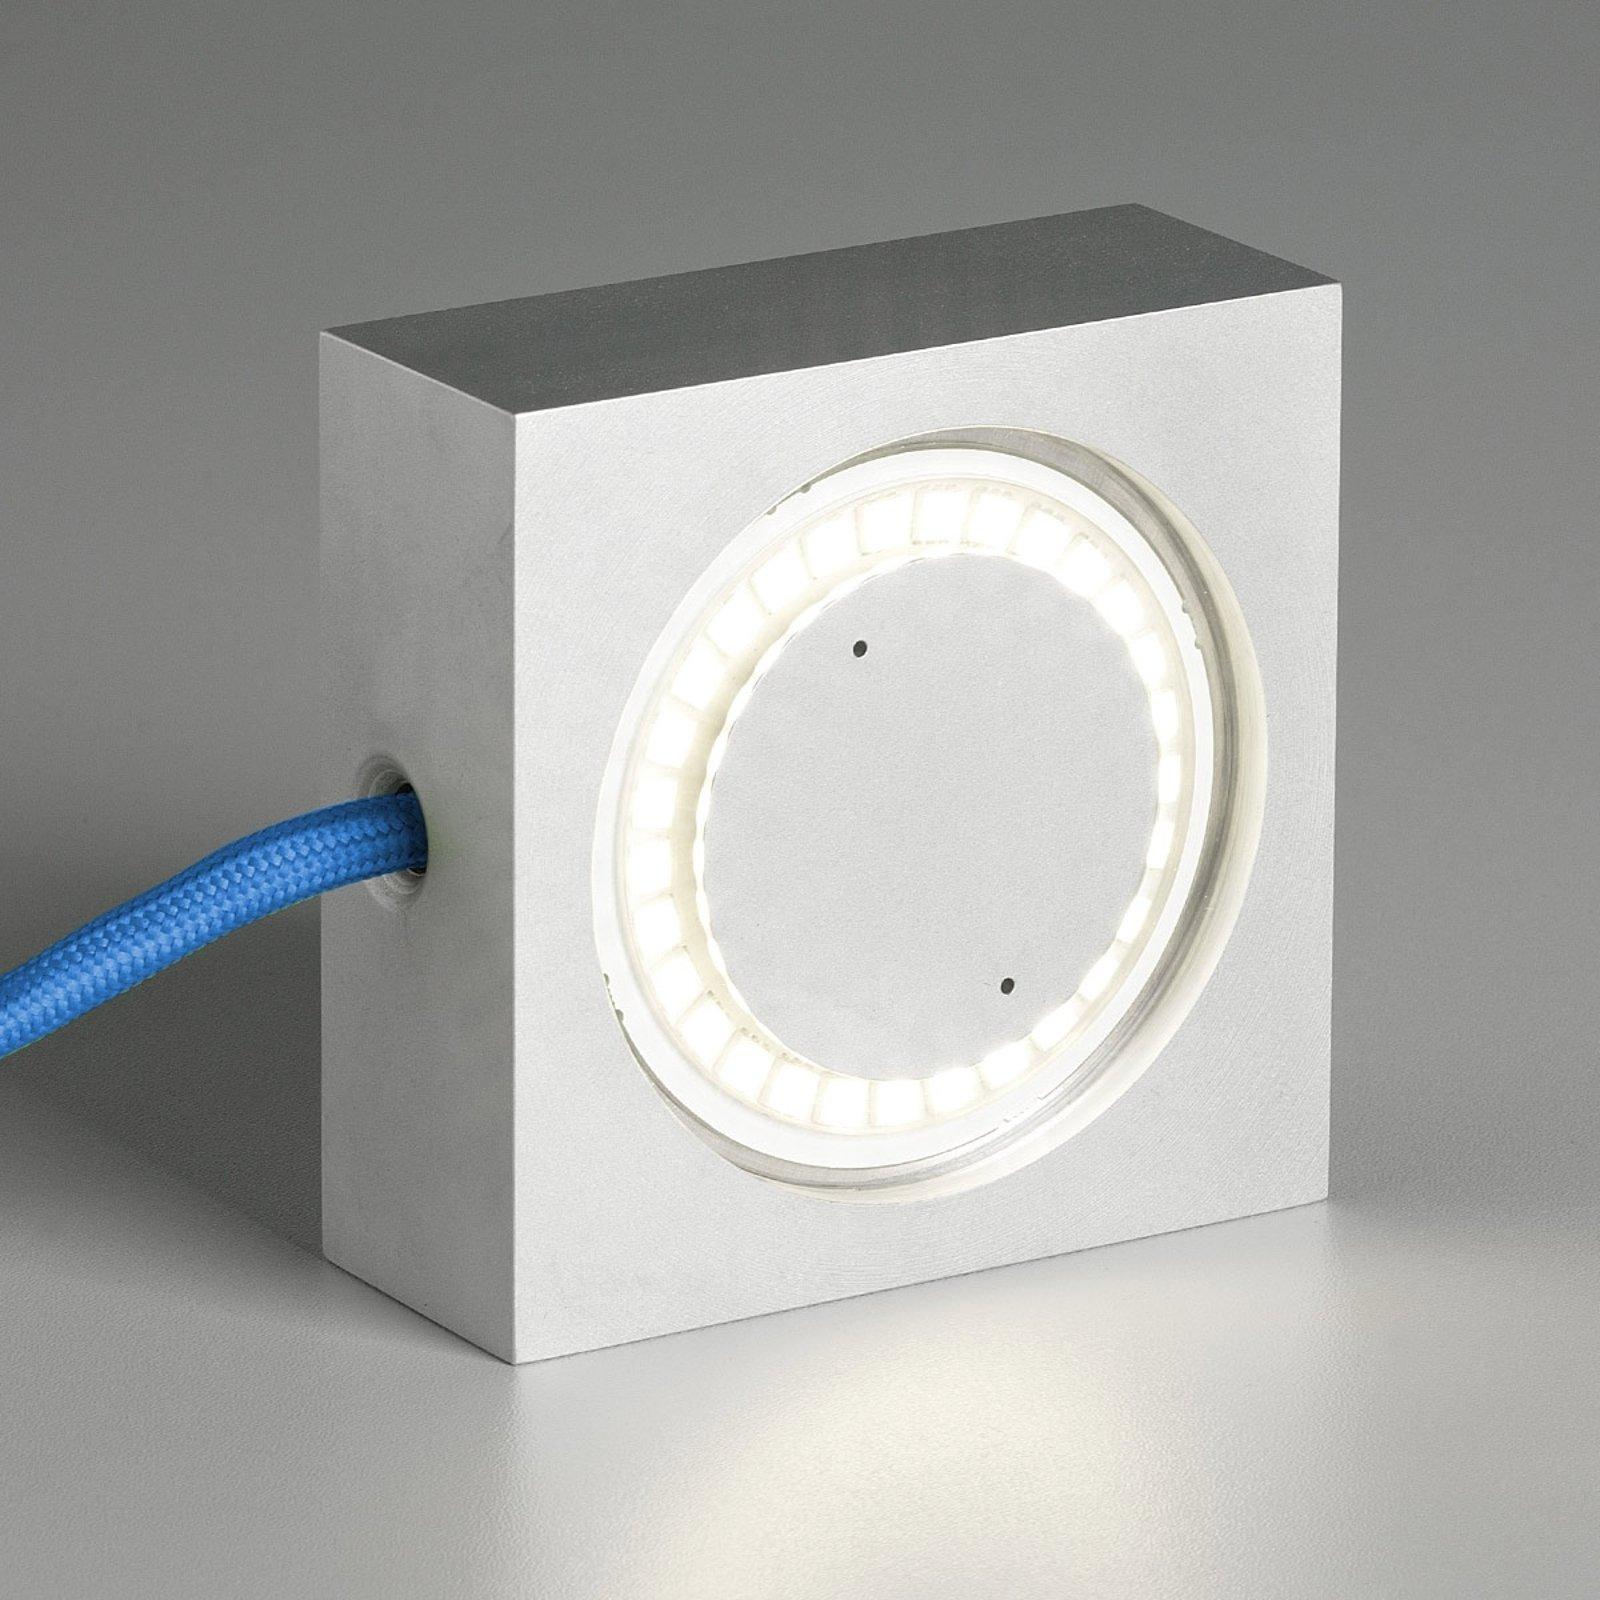 Flerbrukslampe Square med LED,blå tilkoblingsledn.